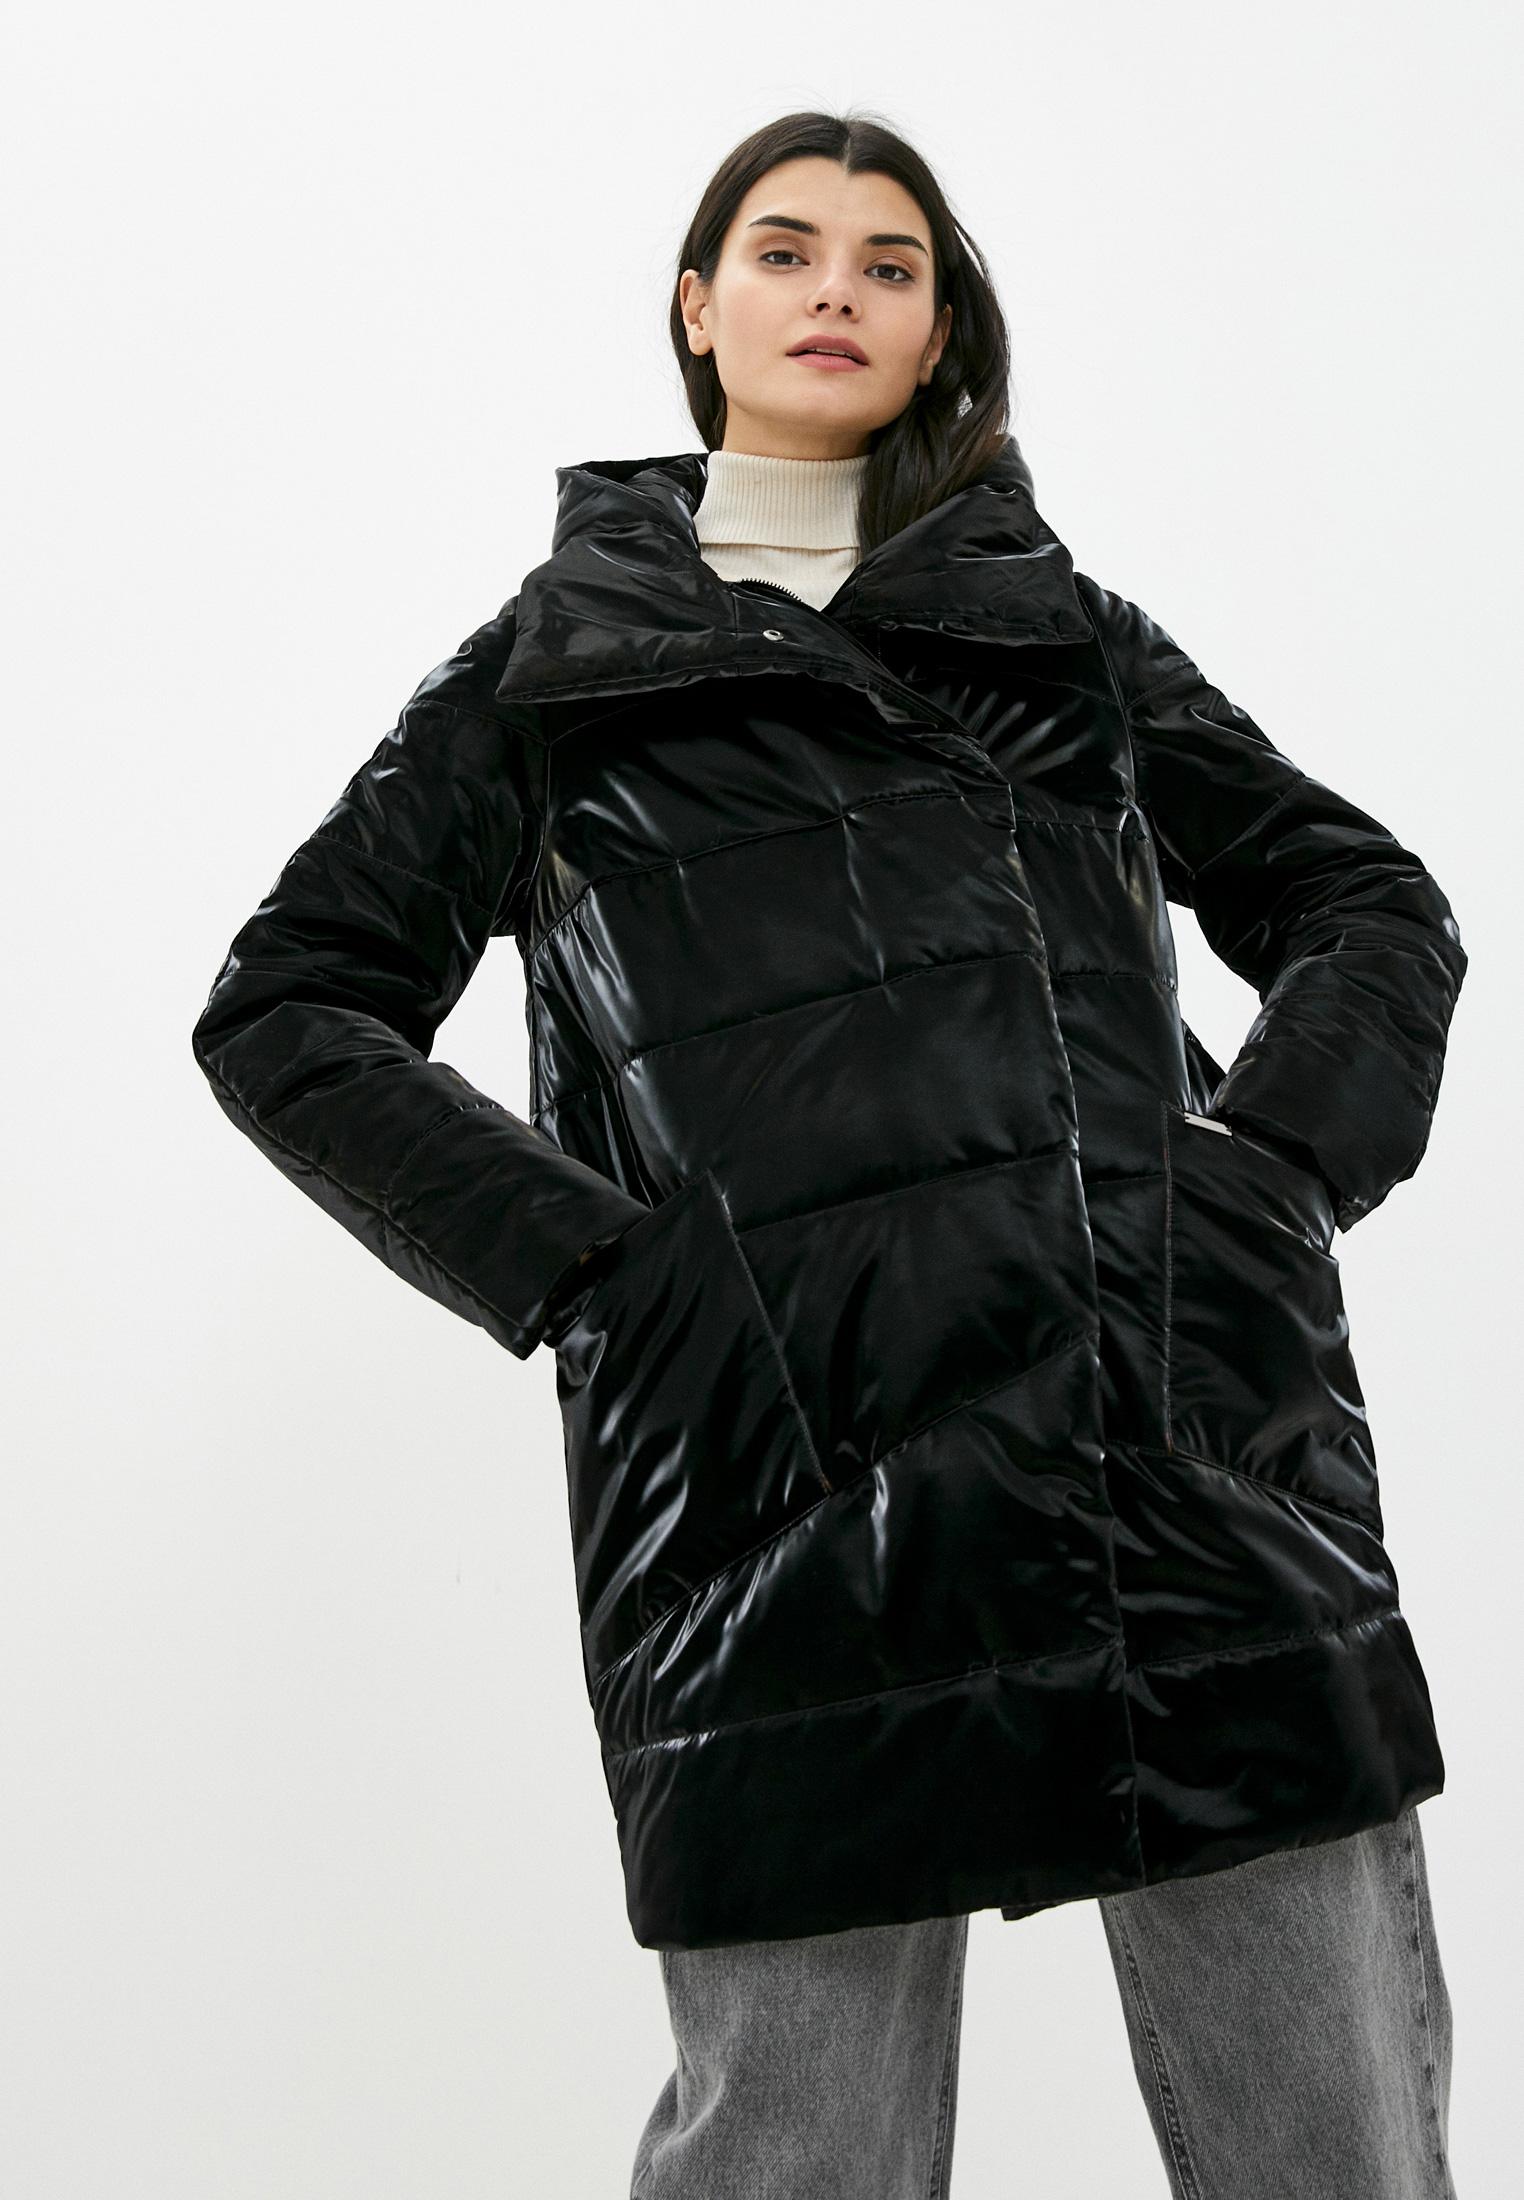 Утепленная куртка Nataliy Beate Пальто мод 161